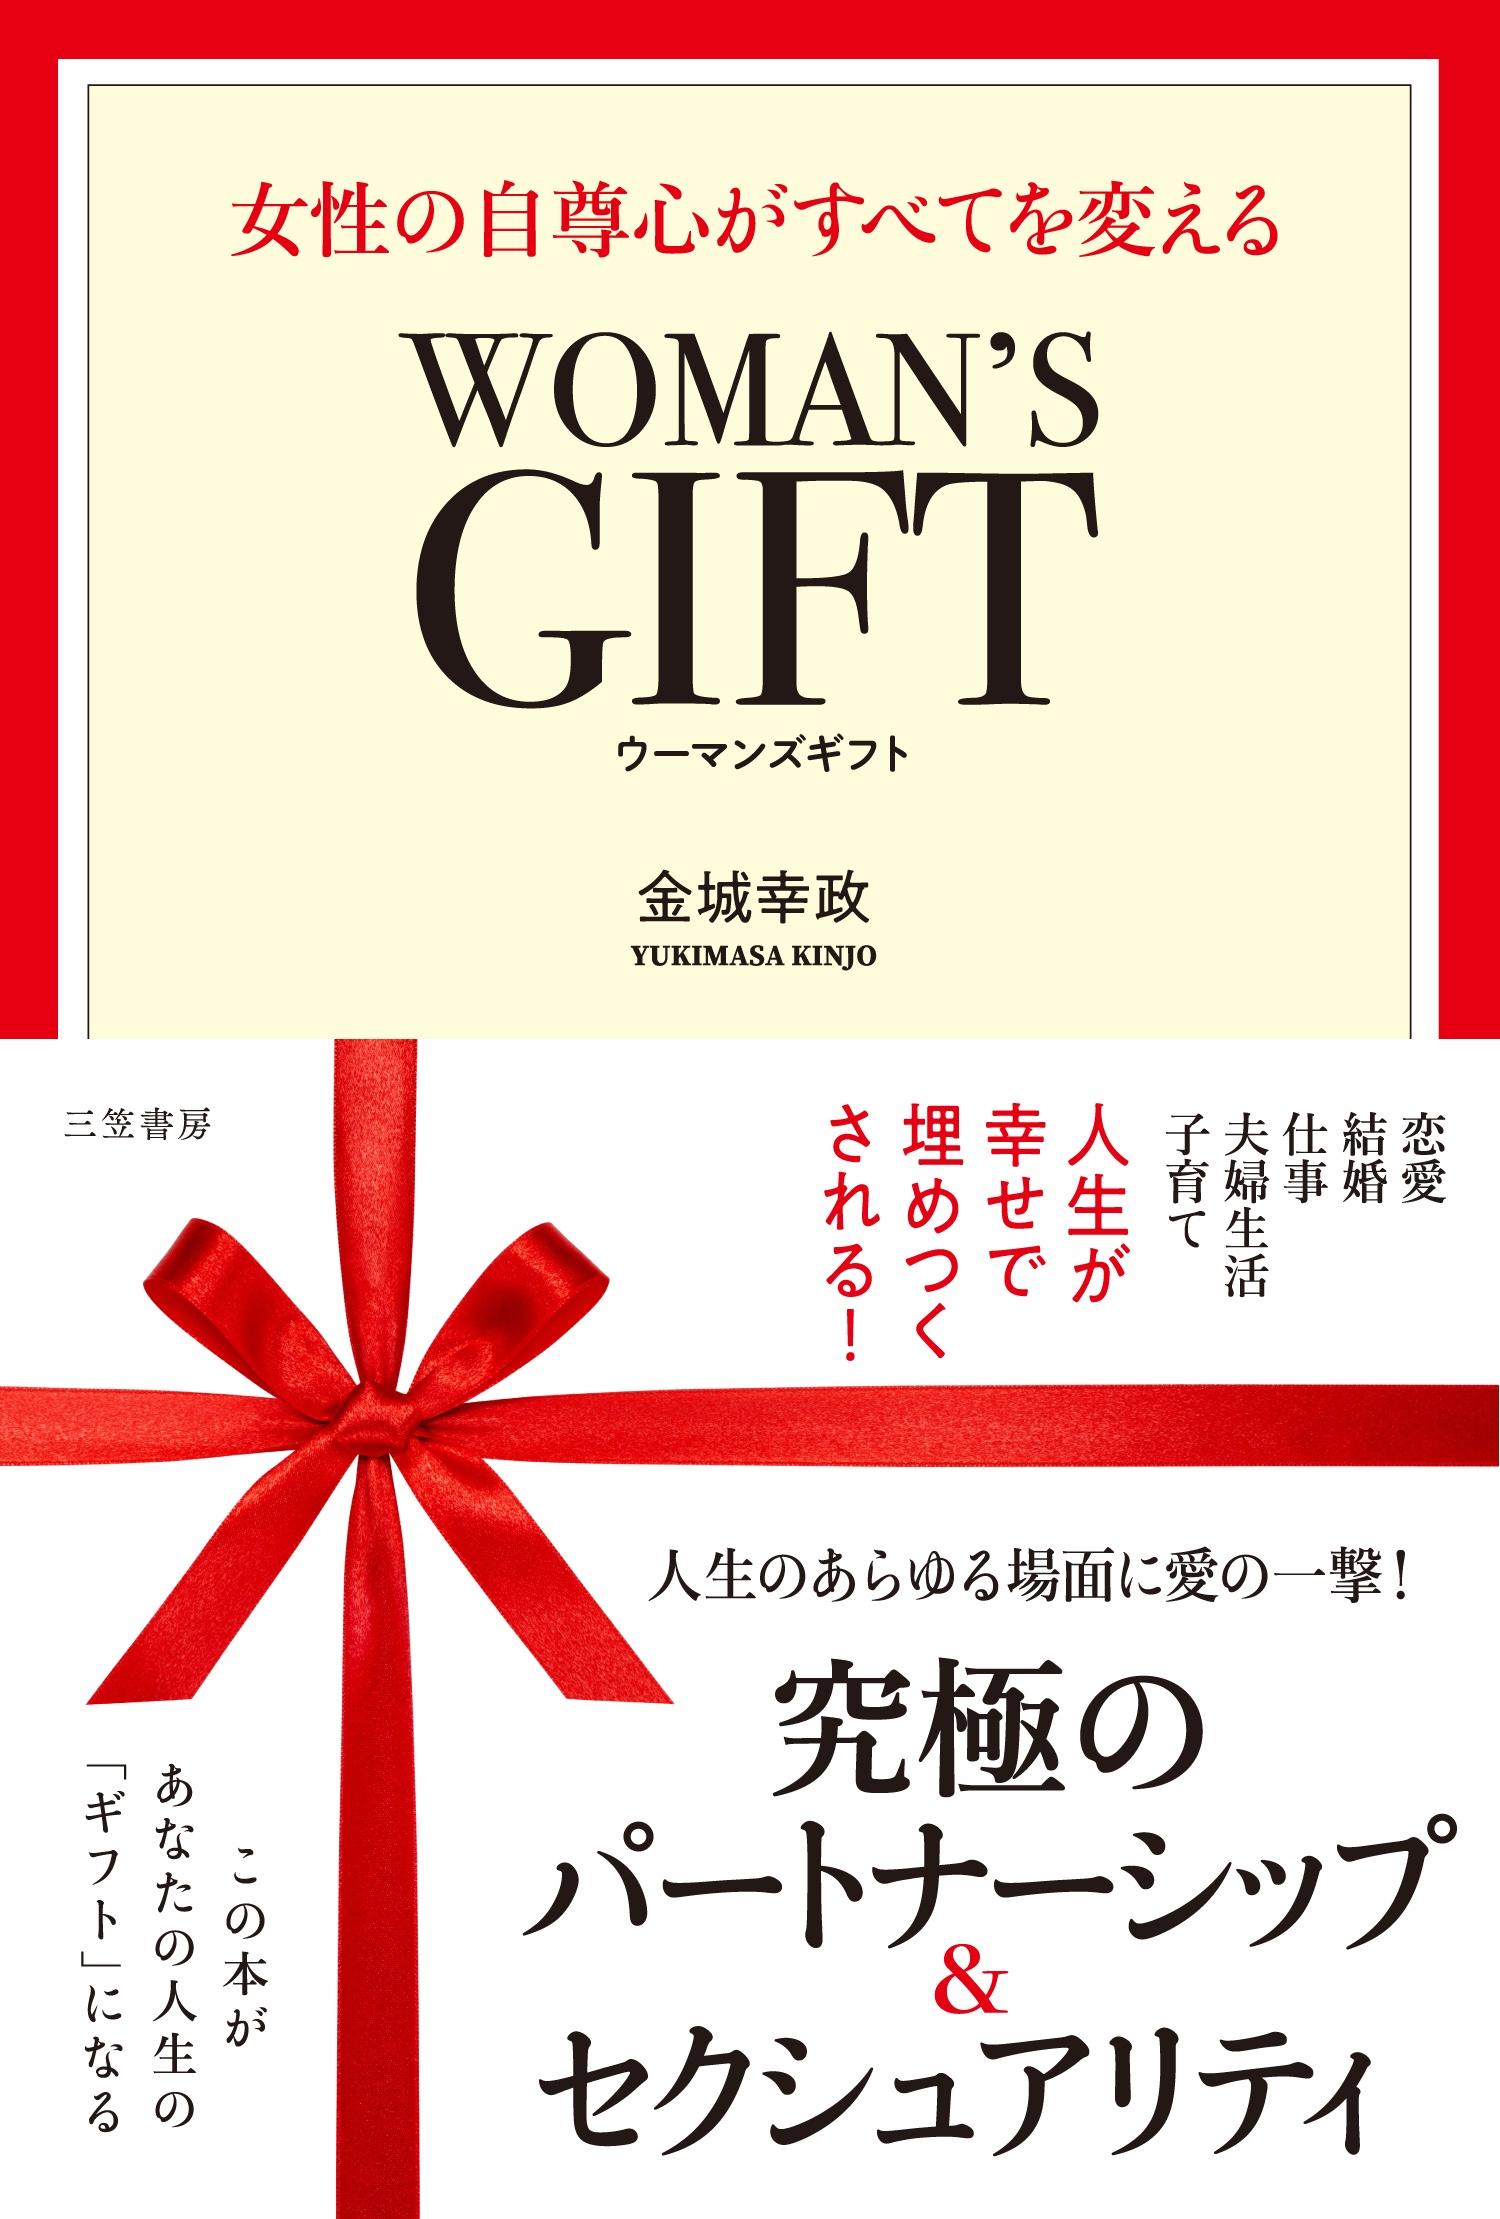 2020年 2月25日 1010HAPPY藤沢クラスカウントダウンだ!!!!!〜5日前〜WOMAN'S GIFT 編